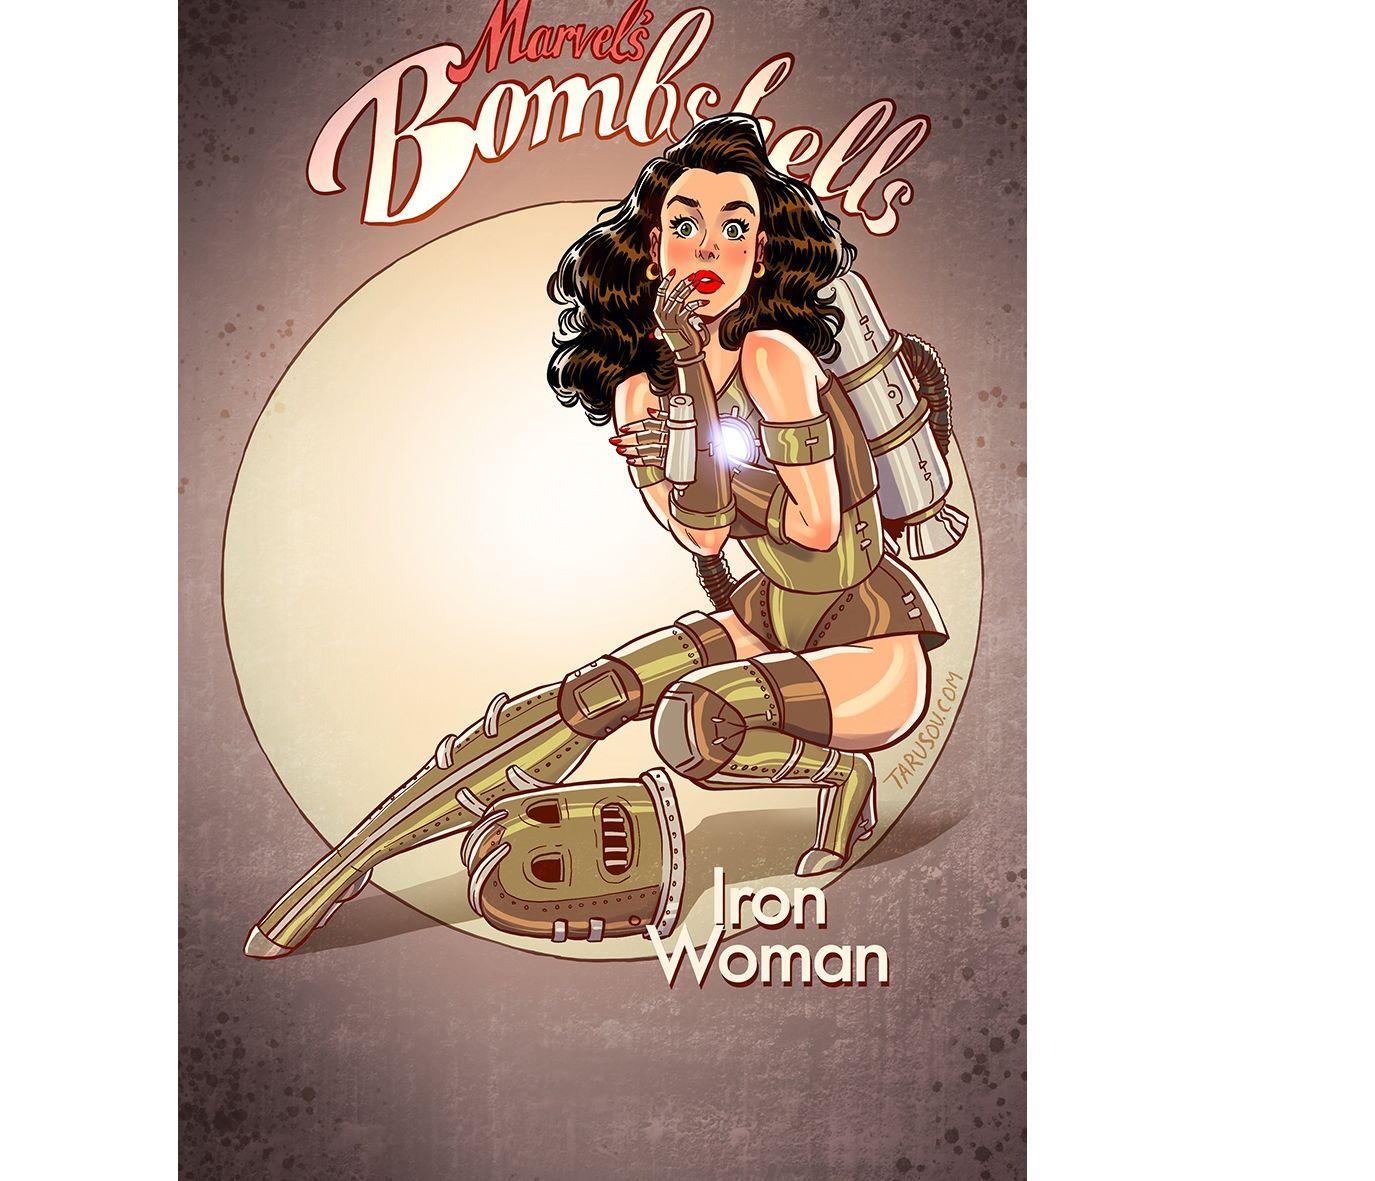 Известный рыбинский художник нарисовал сексапильных героинь комиксов